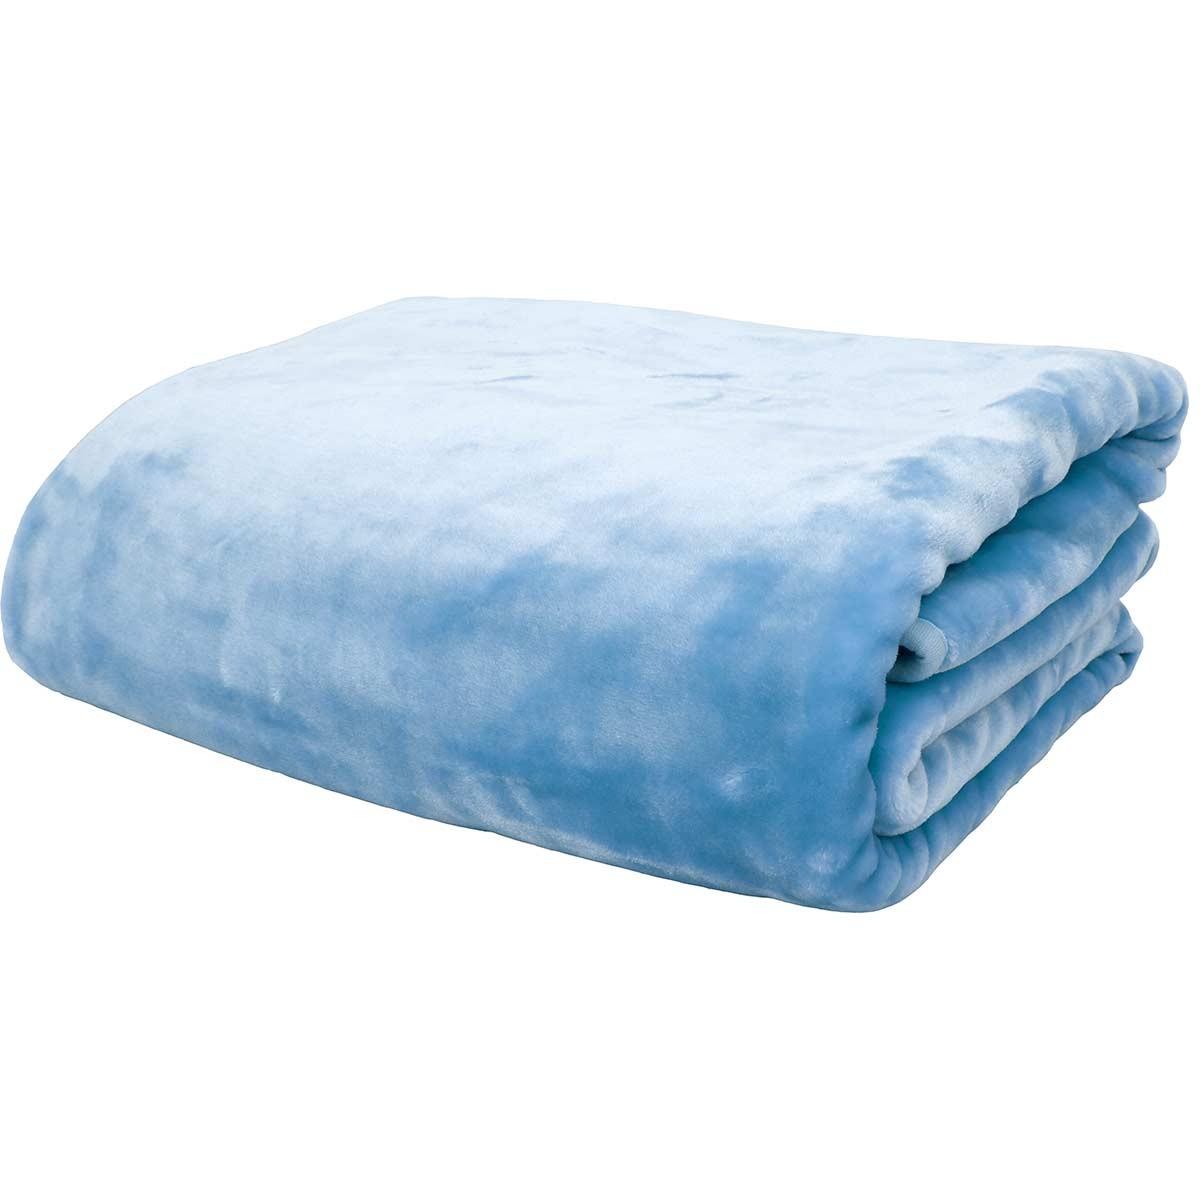 Κουβέρτα Βελουτέ Μονή Anna Riska Blue home   κρεβατοκάμαρα   κουβέρτες   κουβέρτες βελουτέ μονές